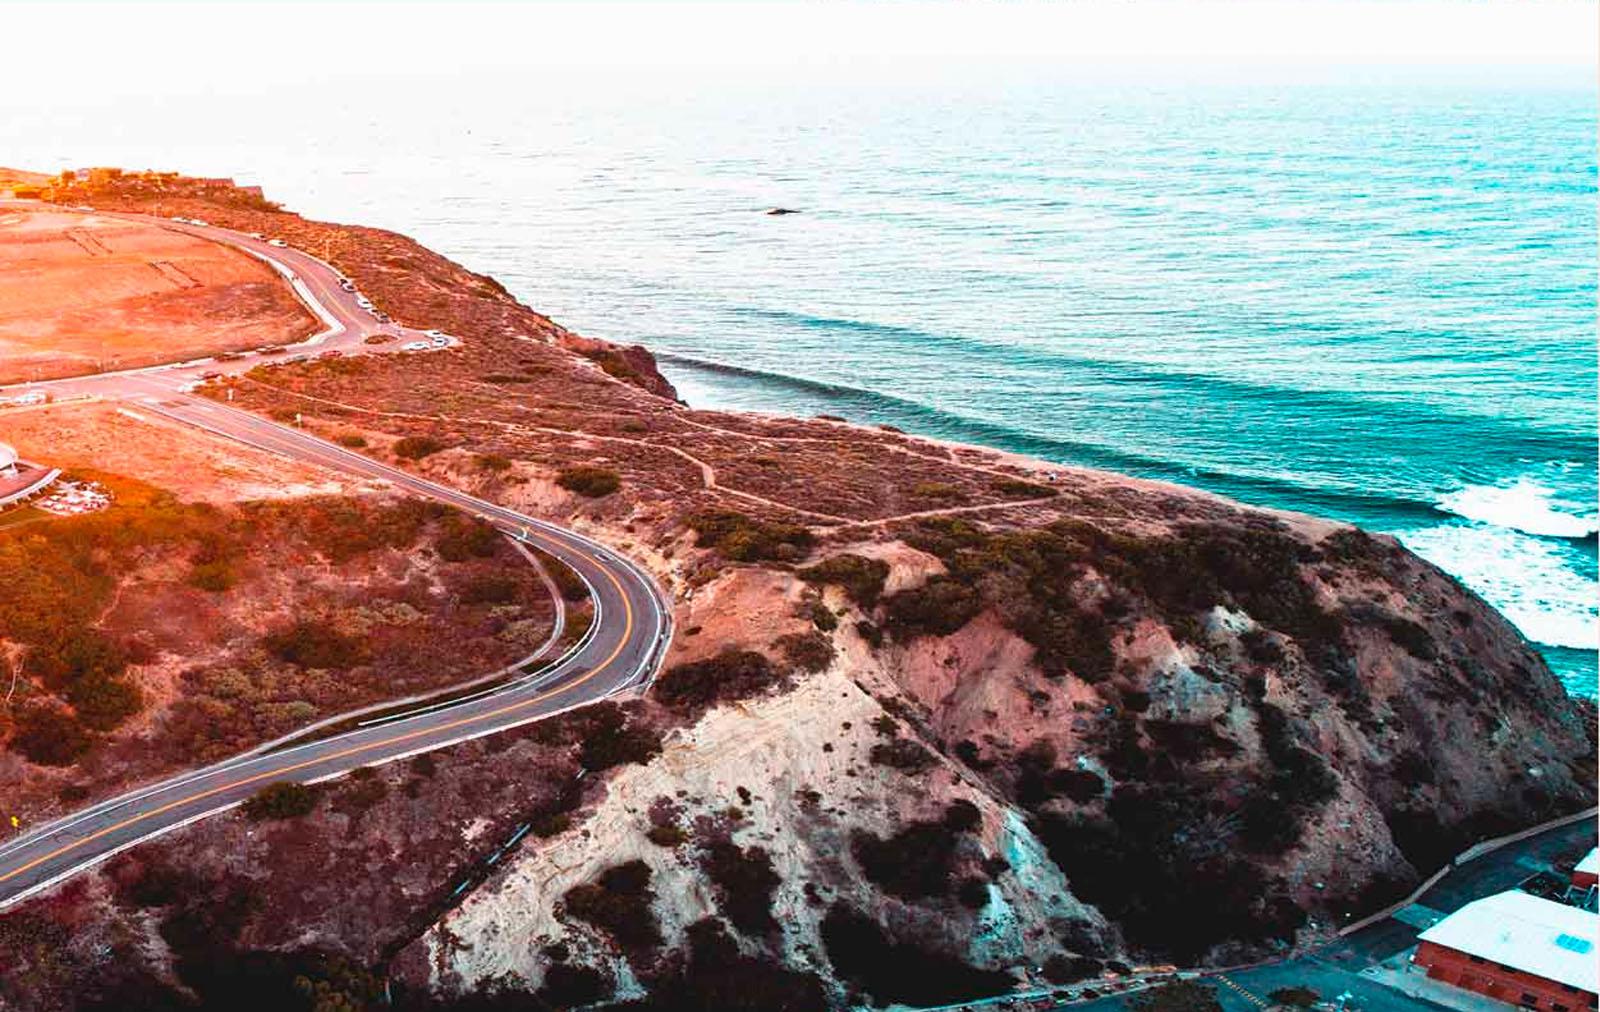 Cliffs at Laguna Cliffs Marriott for Click Away 2019 Photography Retreat